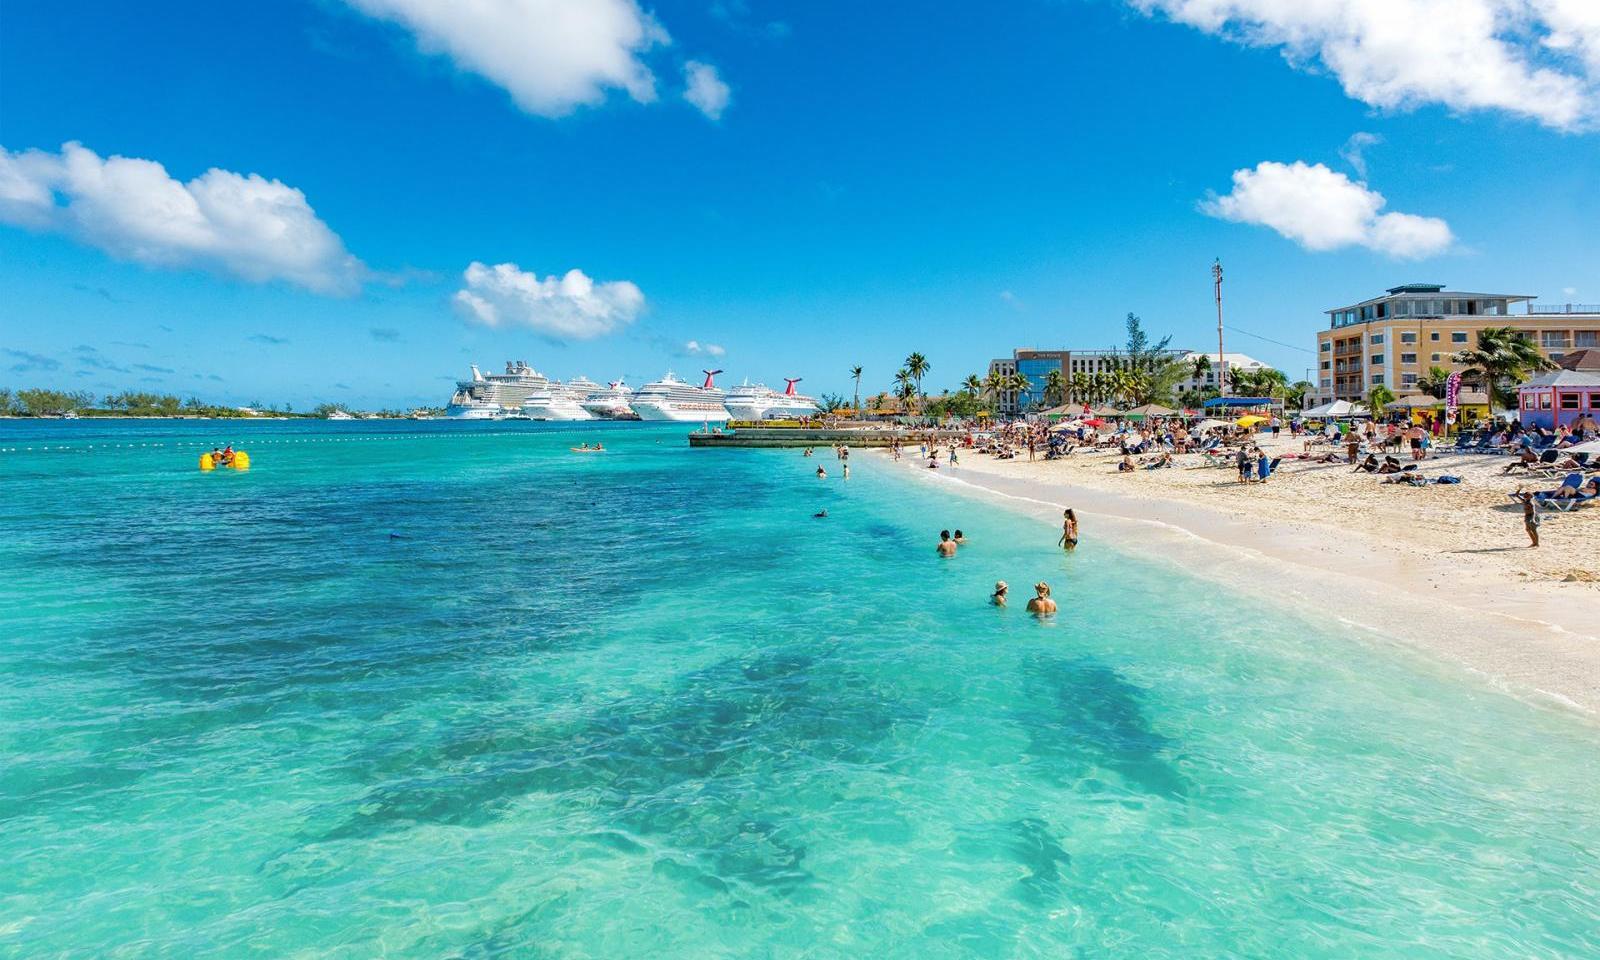 ᐅ ein tagesausflug auf die bahamas von miami → 2019